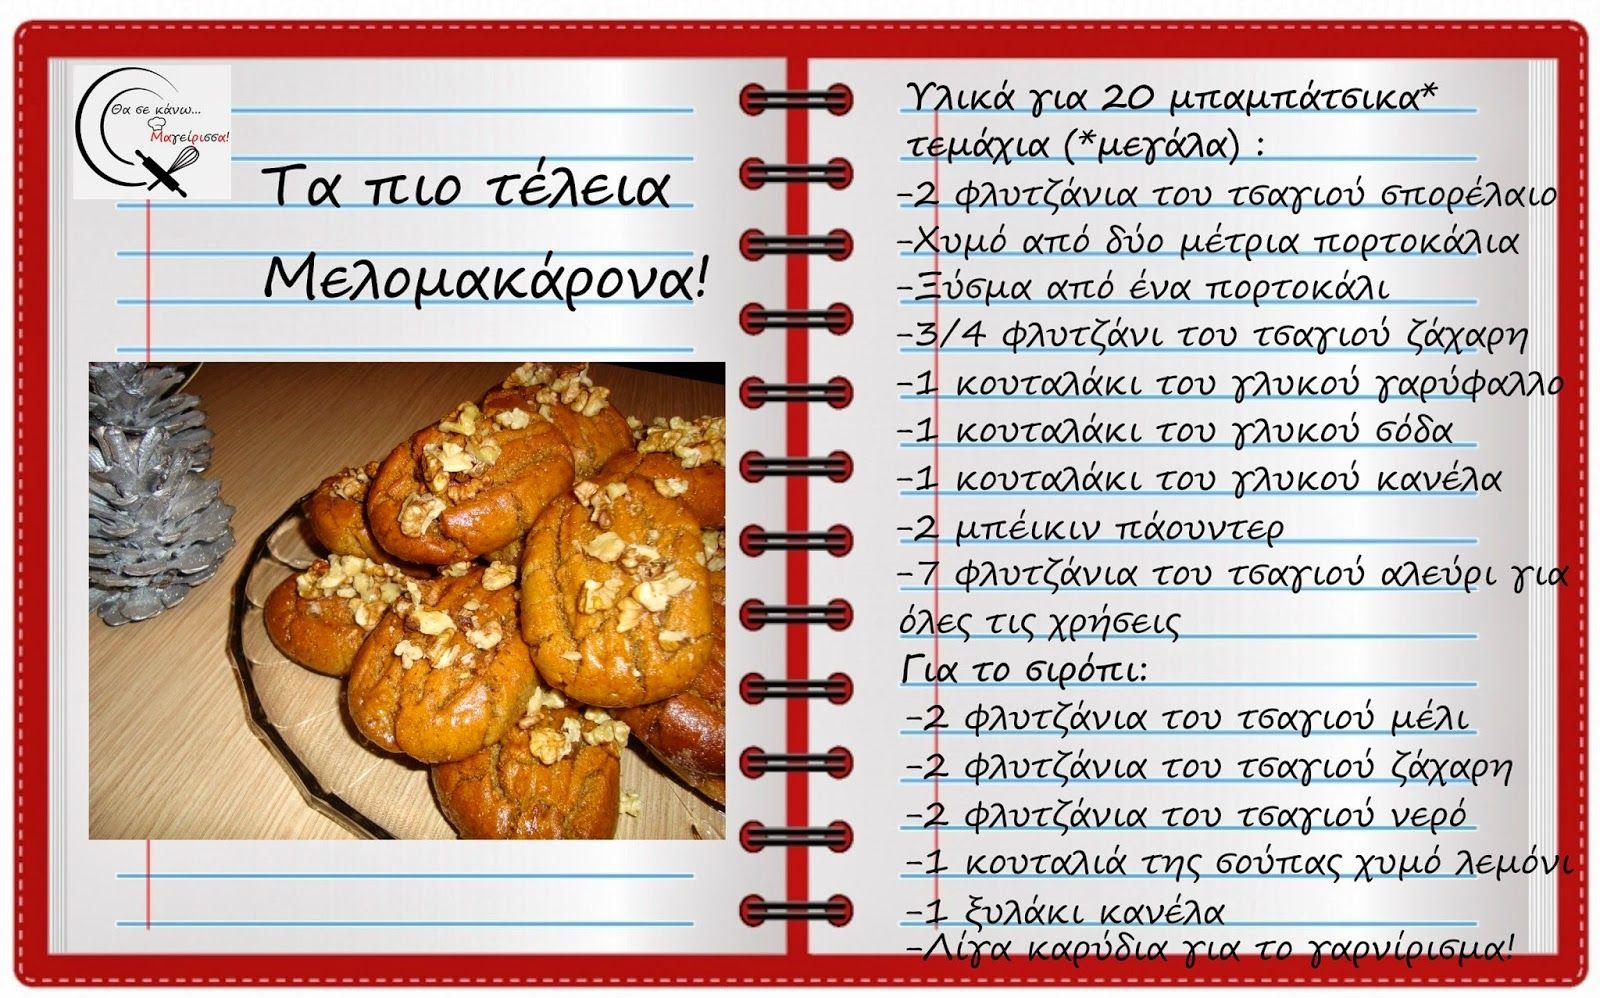 Θα σε κάνω Μαγείρισσα!: Τα τέλεια Μελομακάρονα!